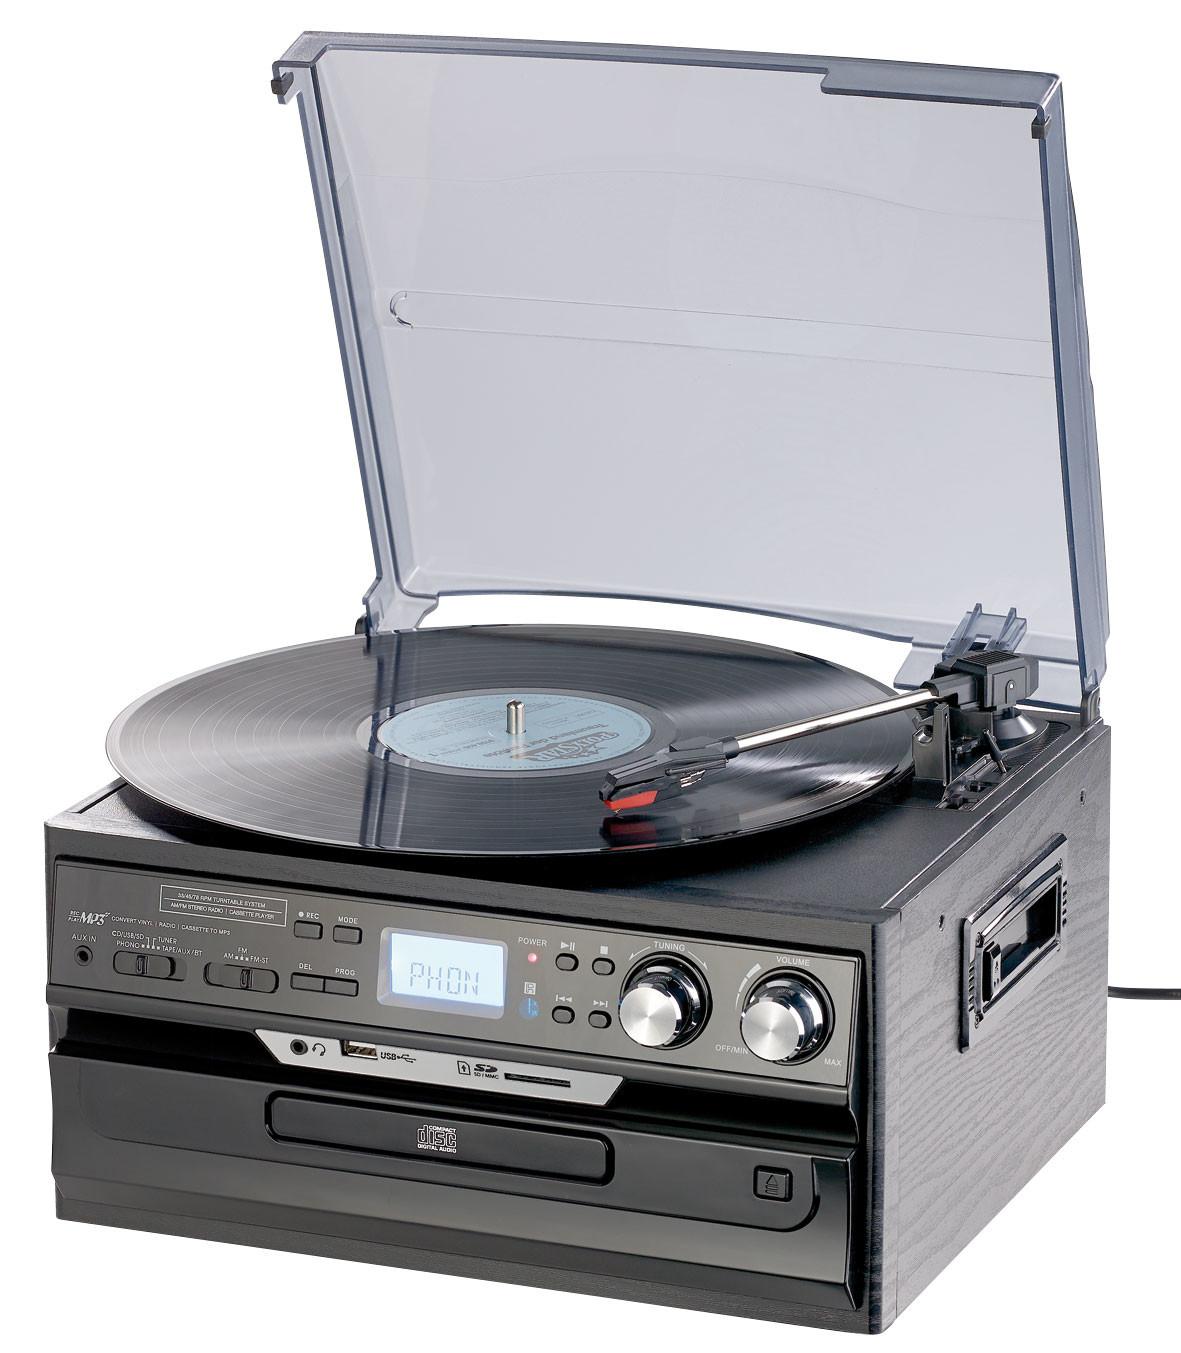 Chaine Hifi Encastrable Salle De Bain ~ cha ne hifi avec platine et num riseur cd vynile vers usb mhx 580